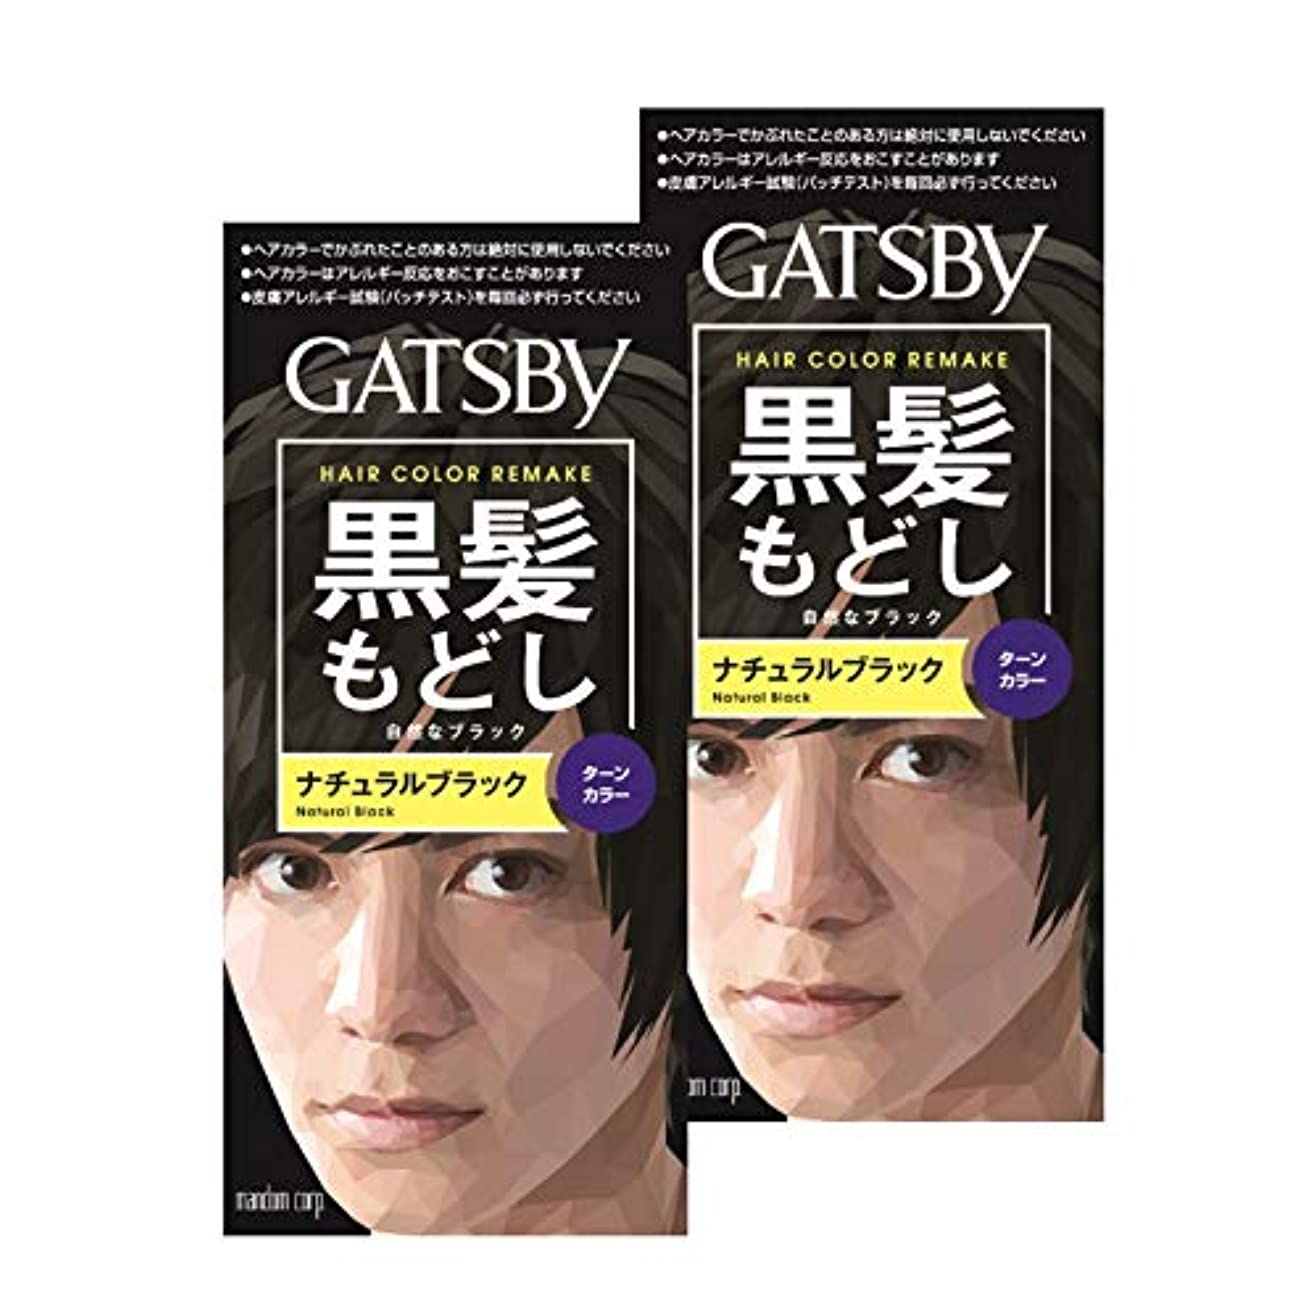 そんなに熱心な僕のGATSBY(ギャツビー) ギャツビー ターンカラー ナチュラルブラック (医薬部外品) ヘアカラー 2個パック